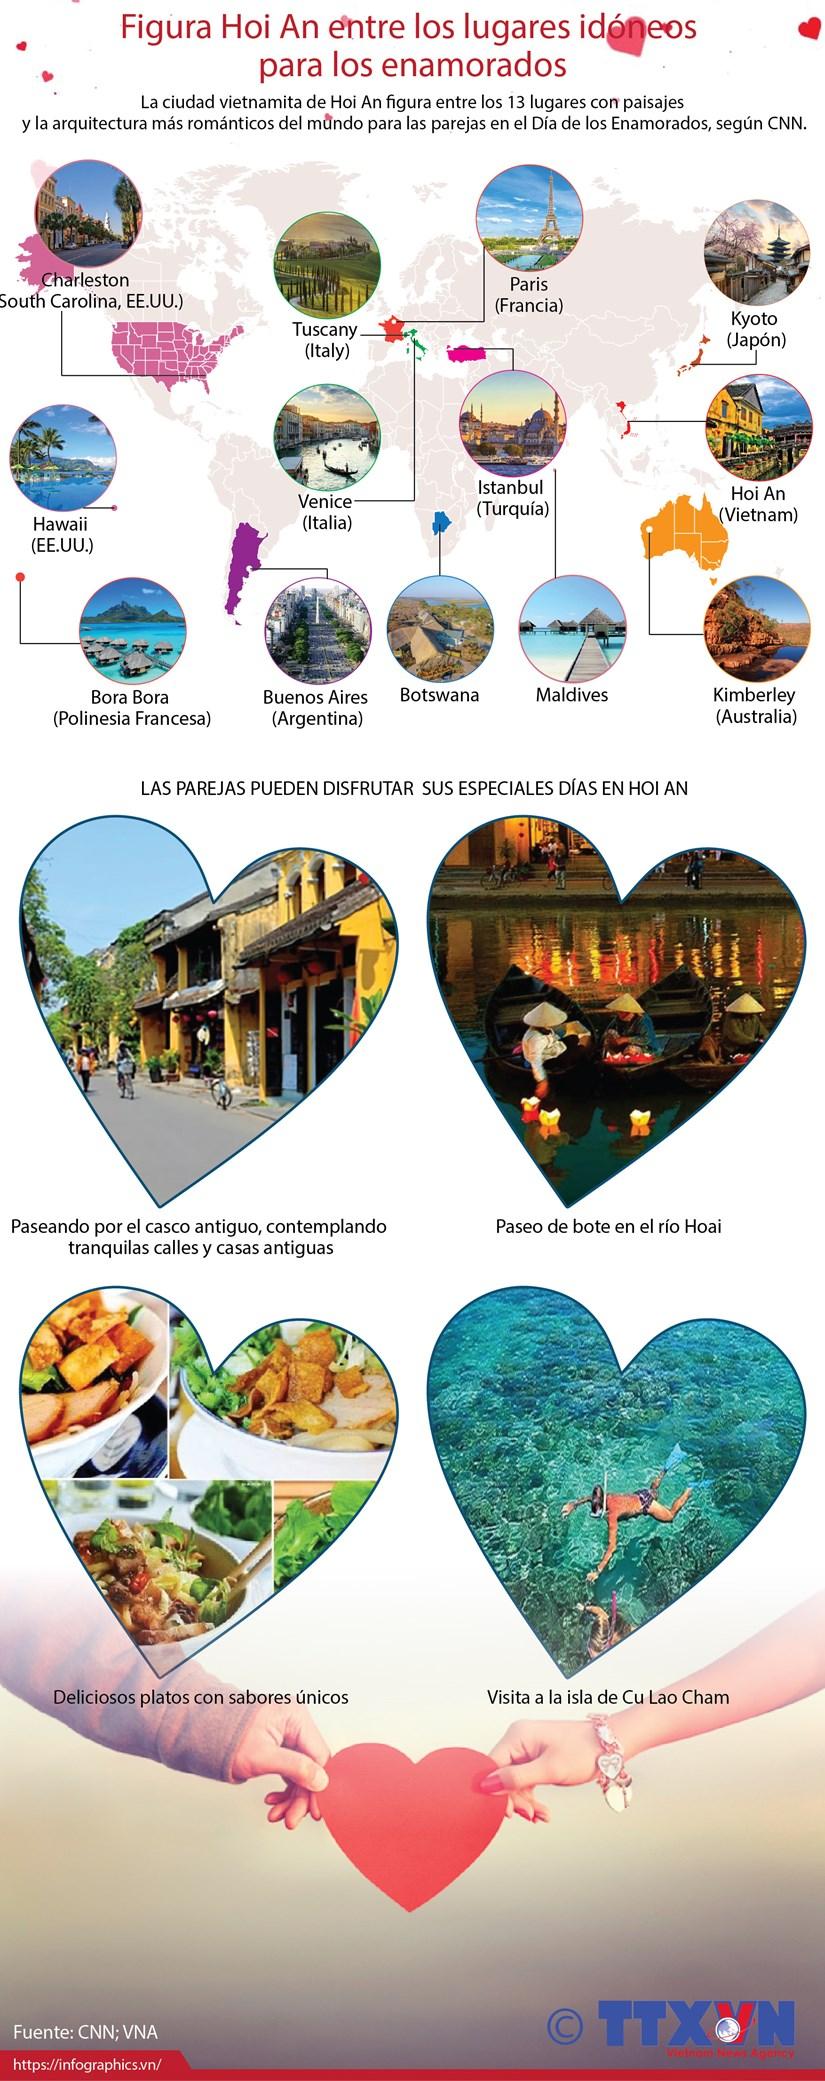 [Info] Figura ciudad vietnamita de Hoi An entre los lugares idoneos para los enamorados hinh anh 1